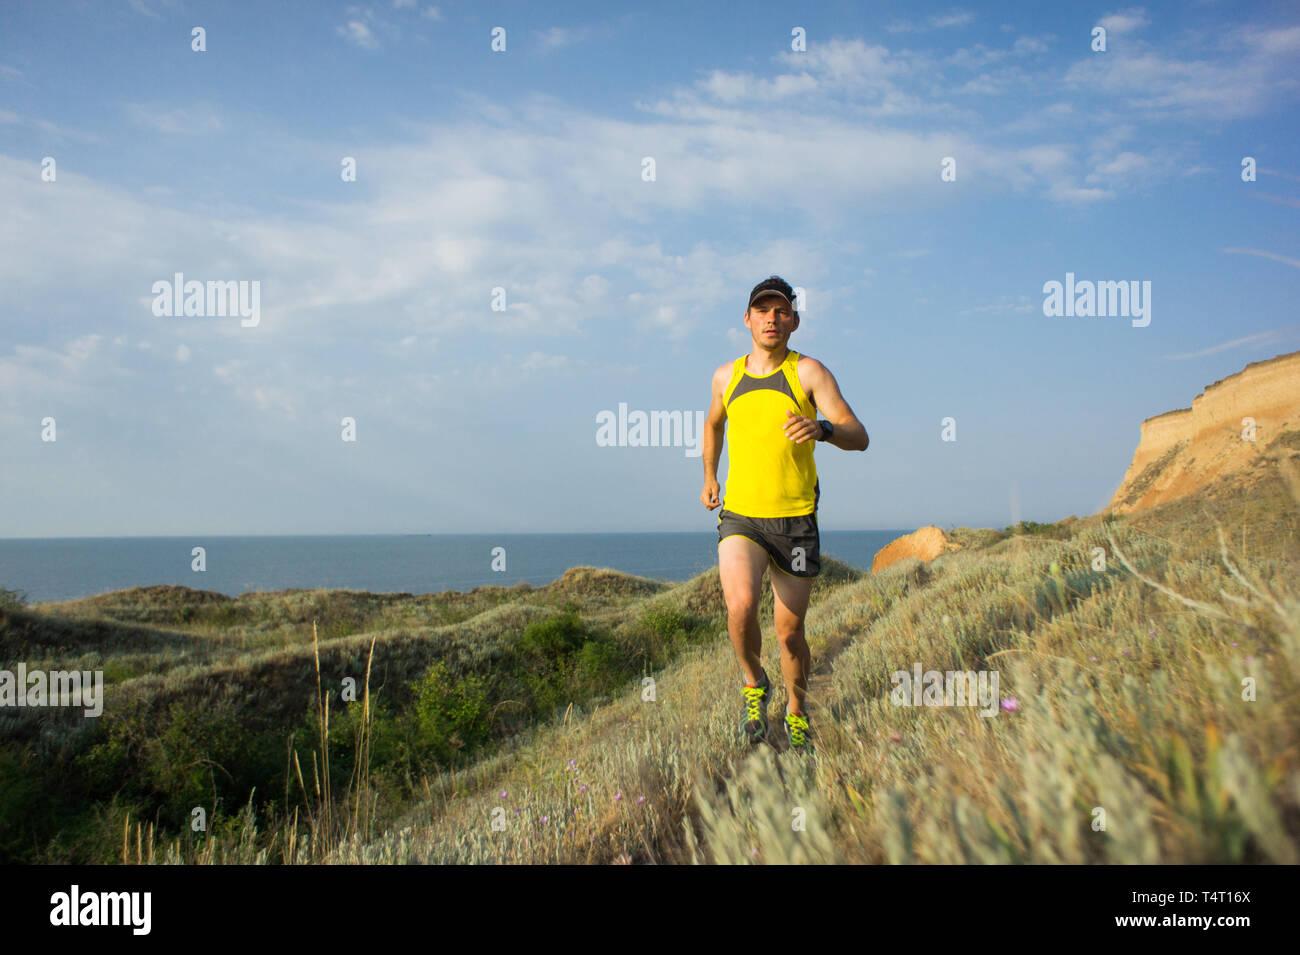 7e72ebc53cf Sport hombre corriendo en el cross country trail run. Colocar la  deslizadera macho del entrenamiento